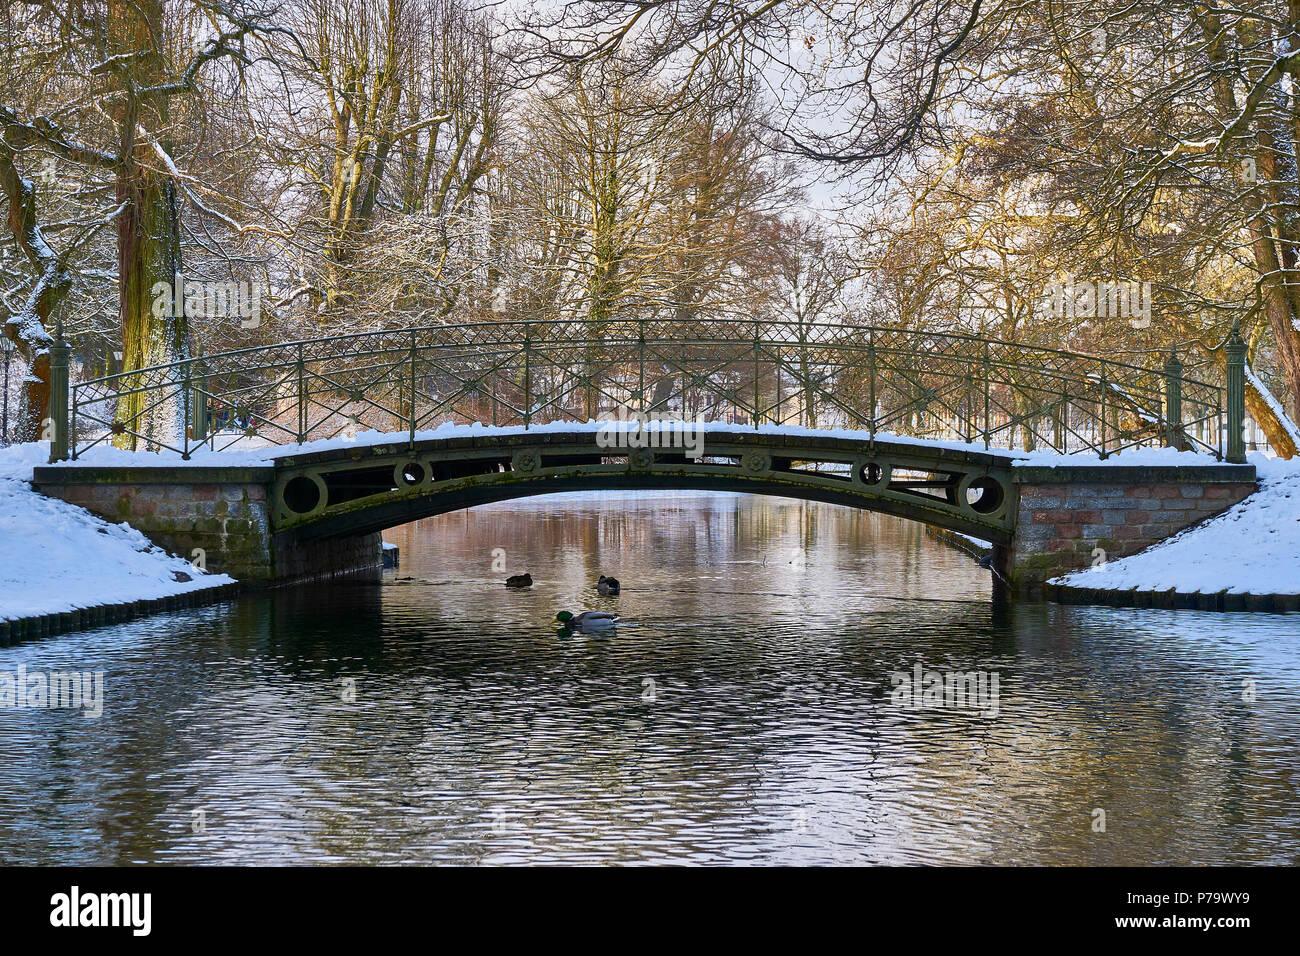 Winter in the Schwerin castle garden. - Stock Image